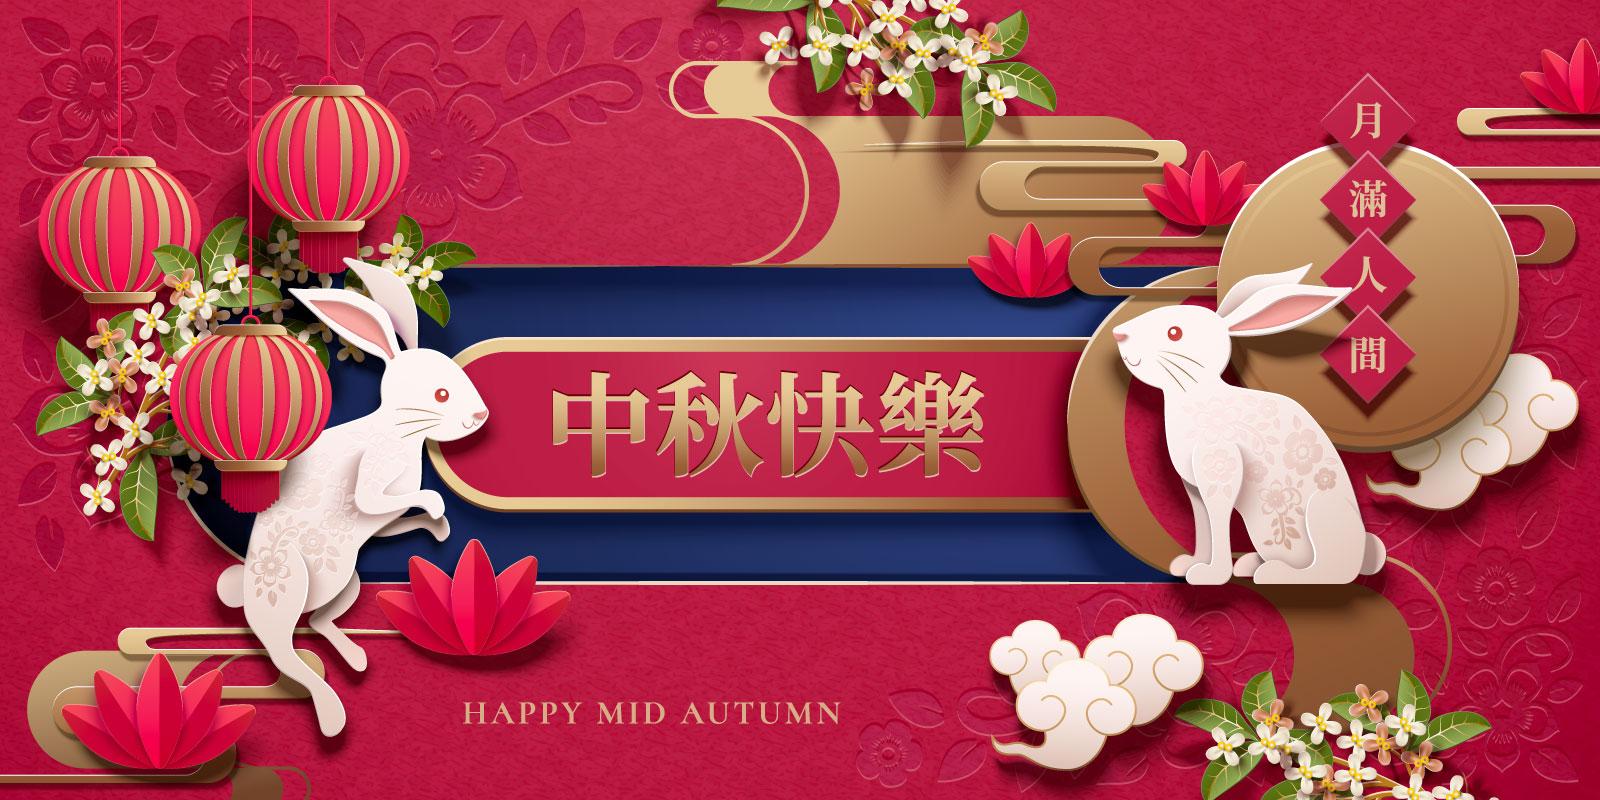 38款中国风中秋节主视觉海报插画AI广告设计素材源文件 Mid Autumn Festival Vector Pattern插图(2)